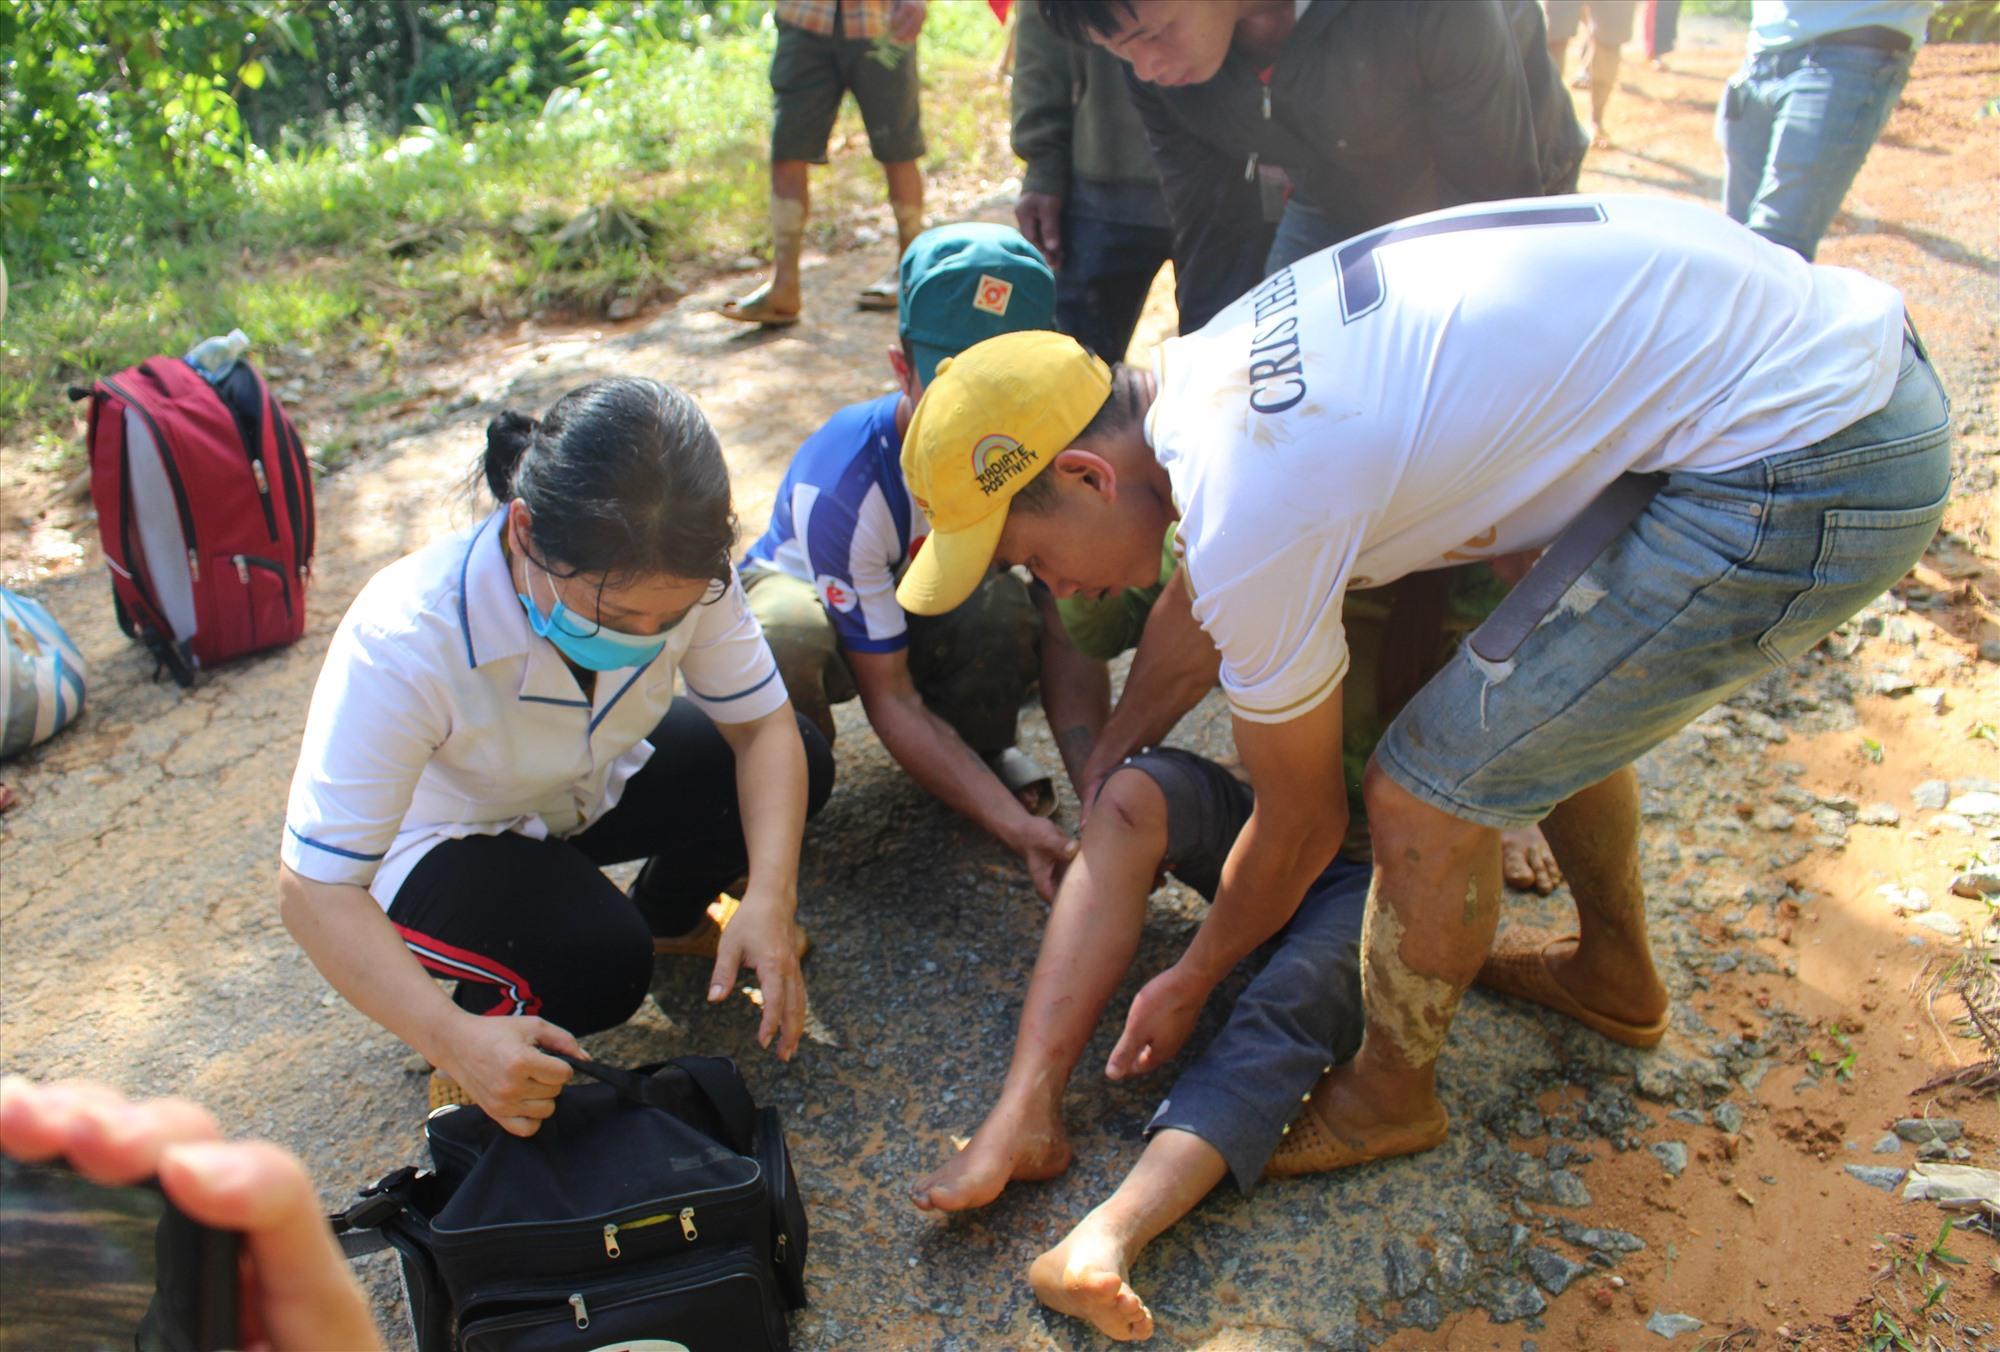 Nhân viên y tế sơ cấp cứu ban đầu cho người dân vùng gặp nạn. Ảnh: C.Đ